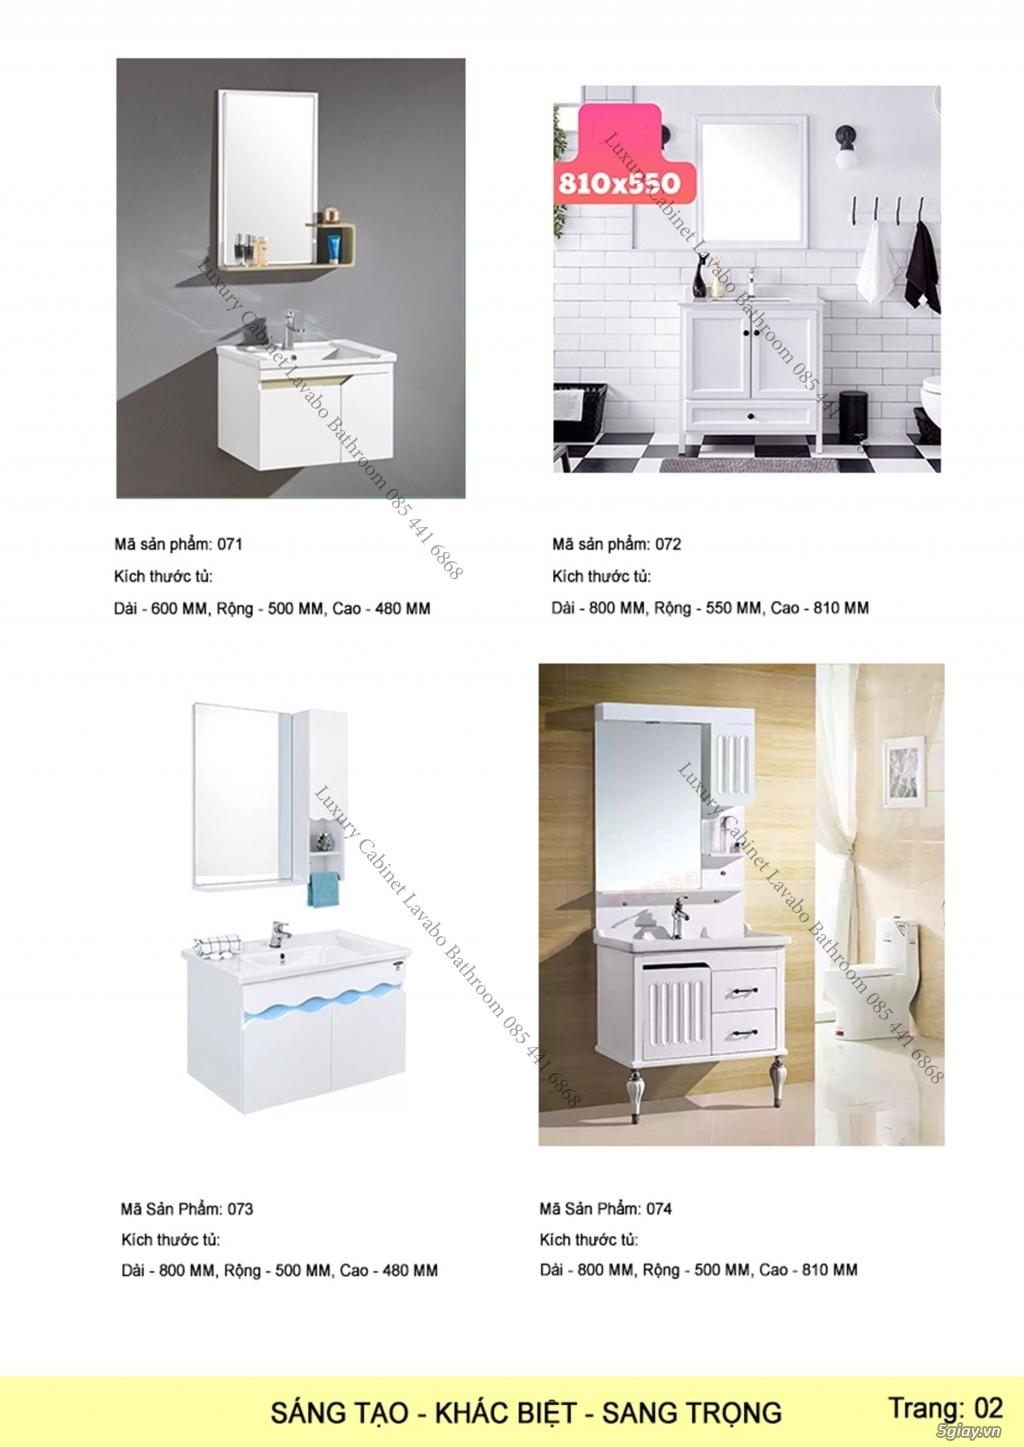 Bán tủ chậu lavabo tân cổ điển, hiện đại, tủ chậu mặt đá phòng tắm - 3